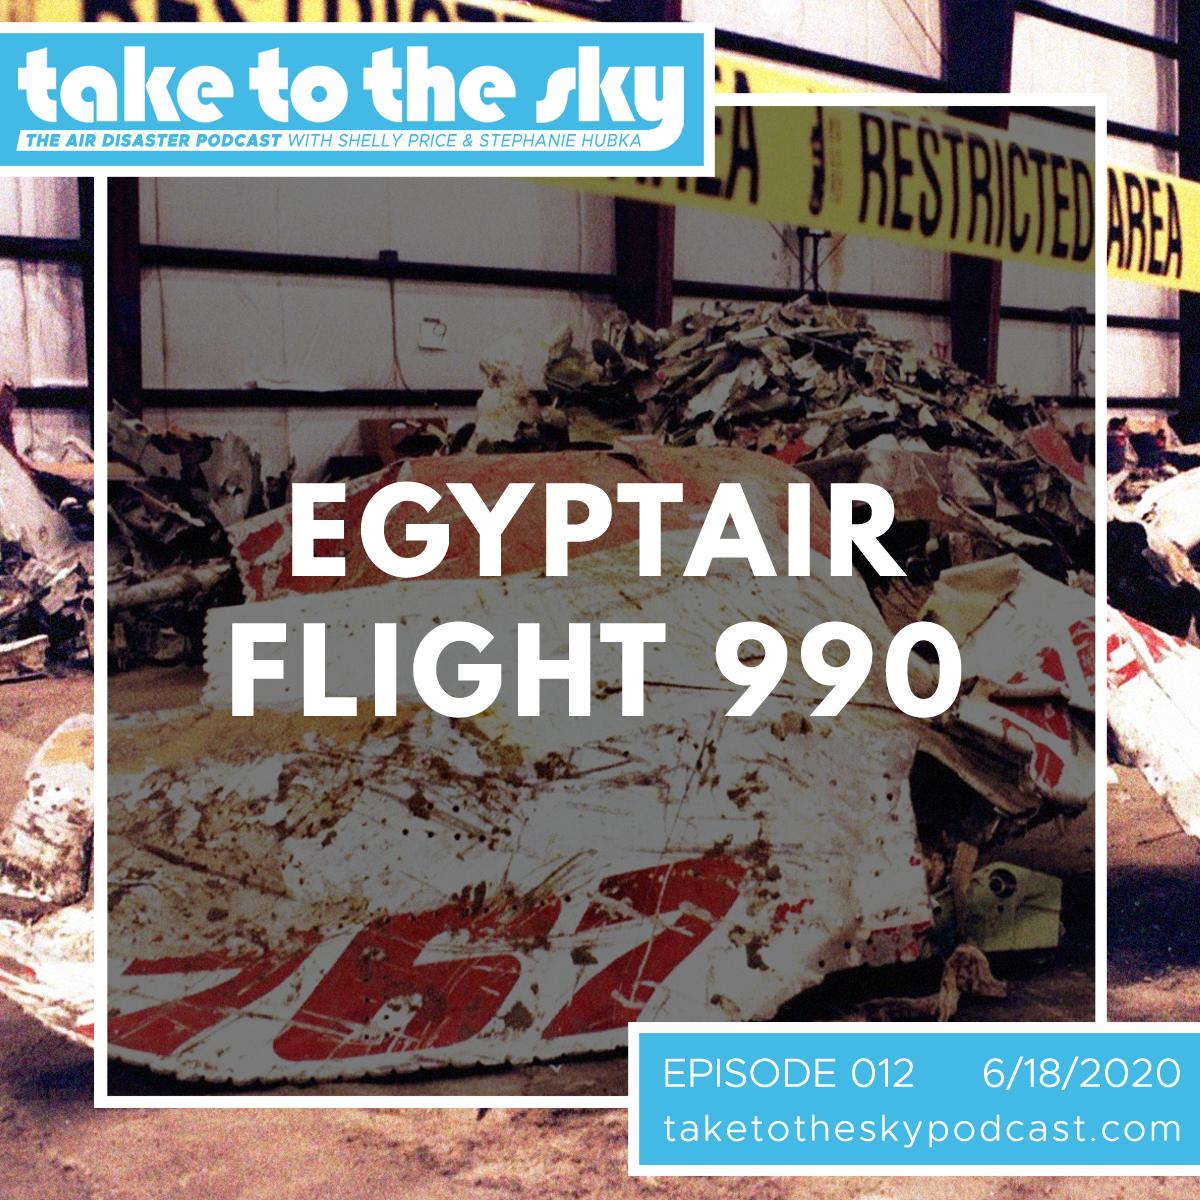 Take to the Sky Episode 012: EgyptAir 990